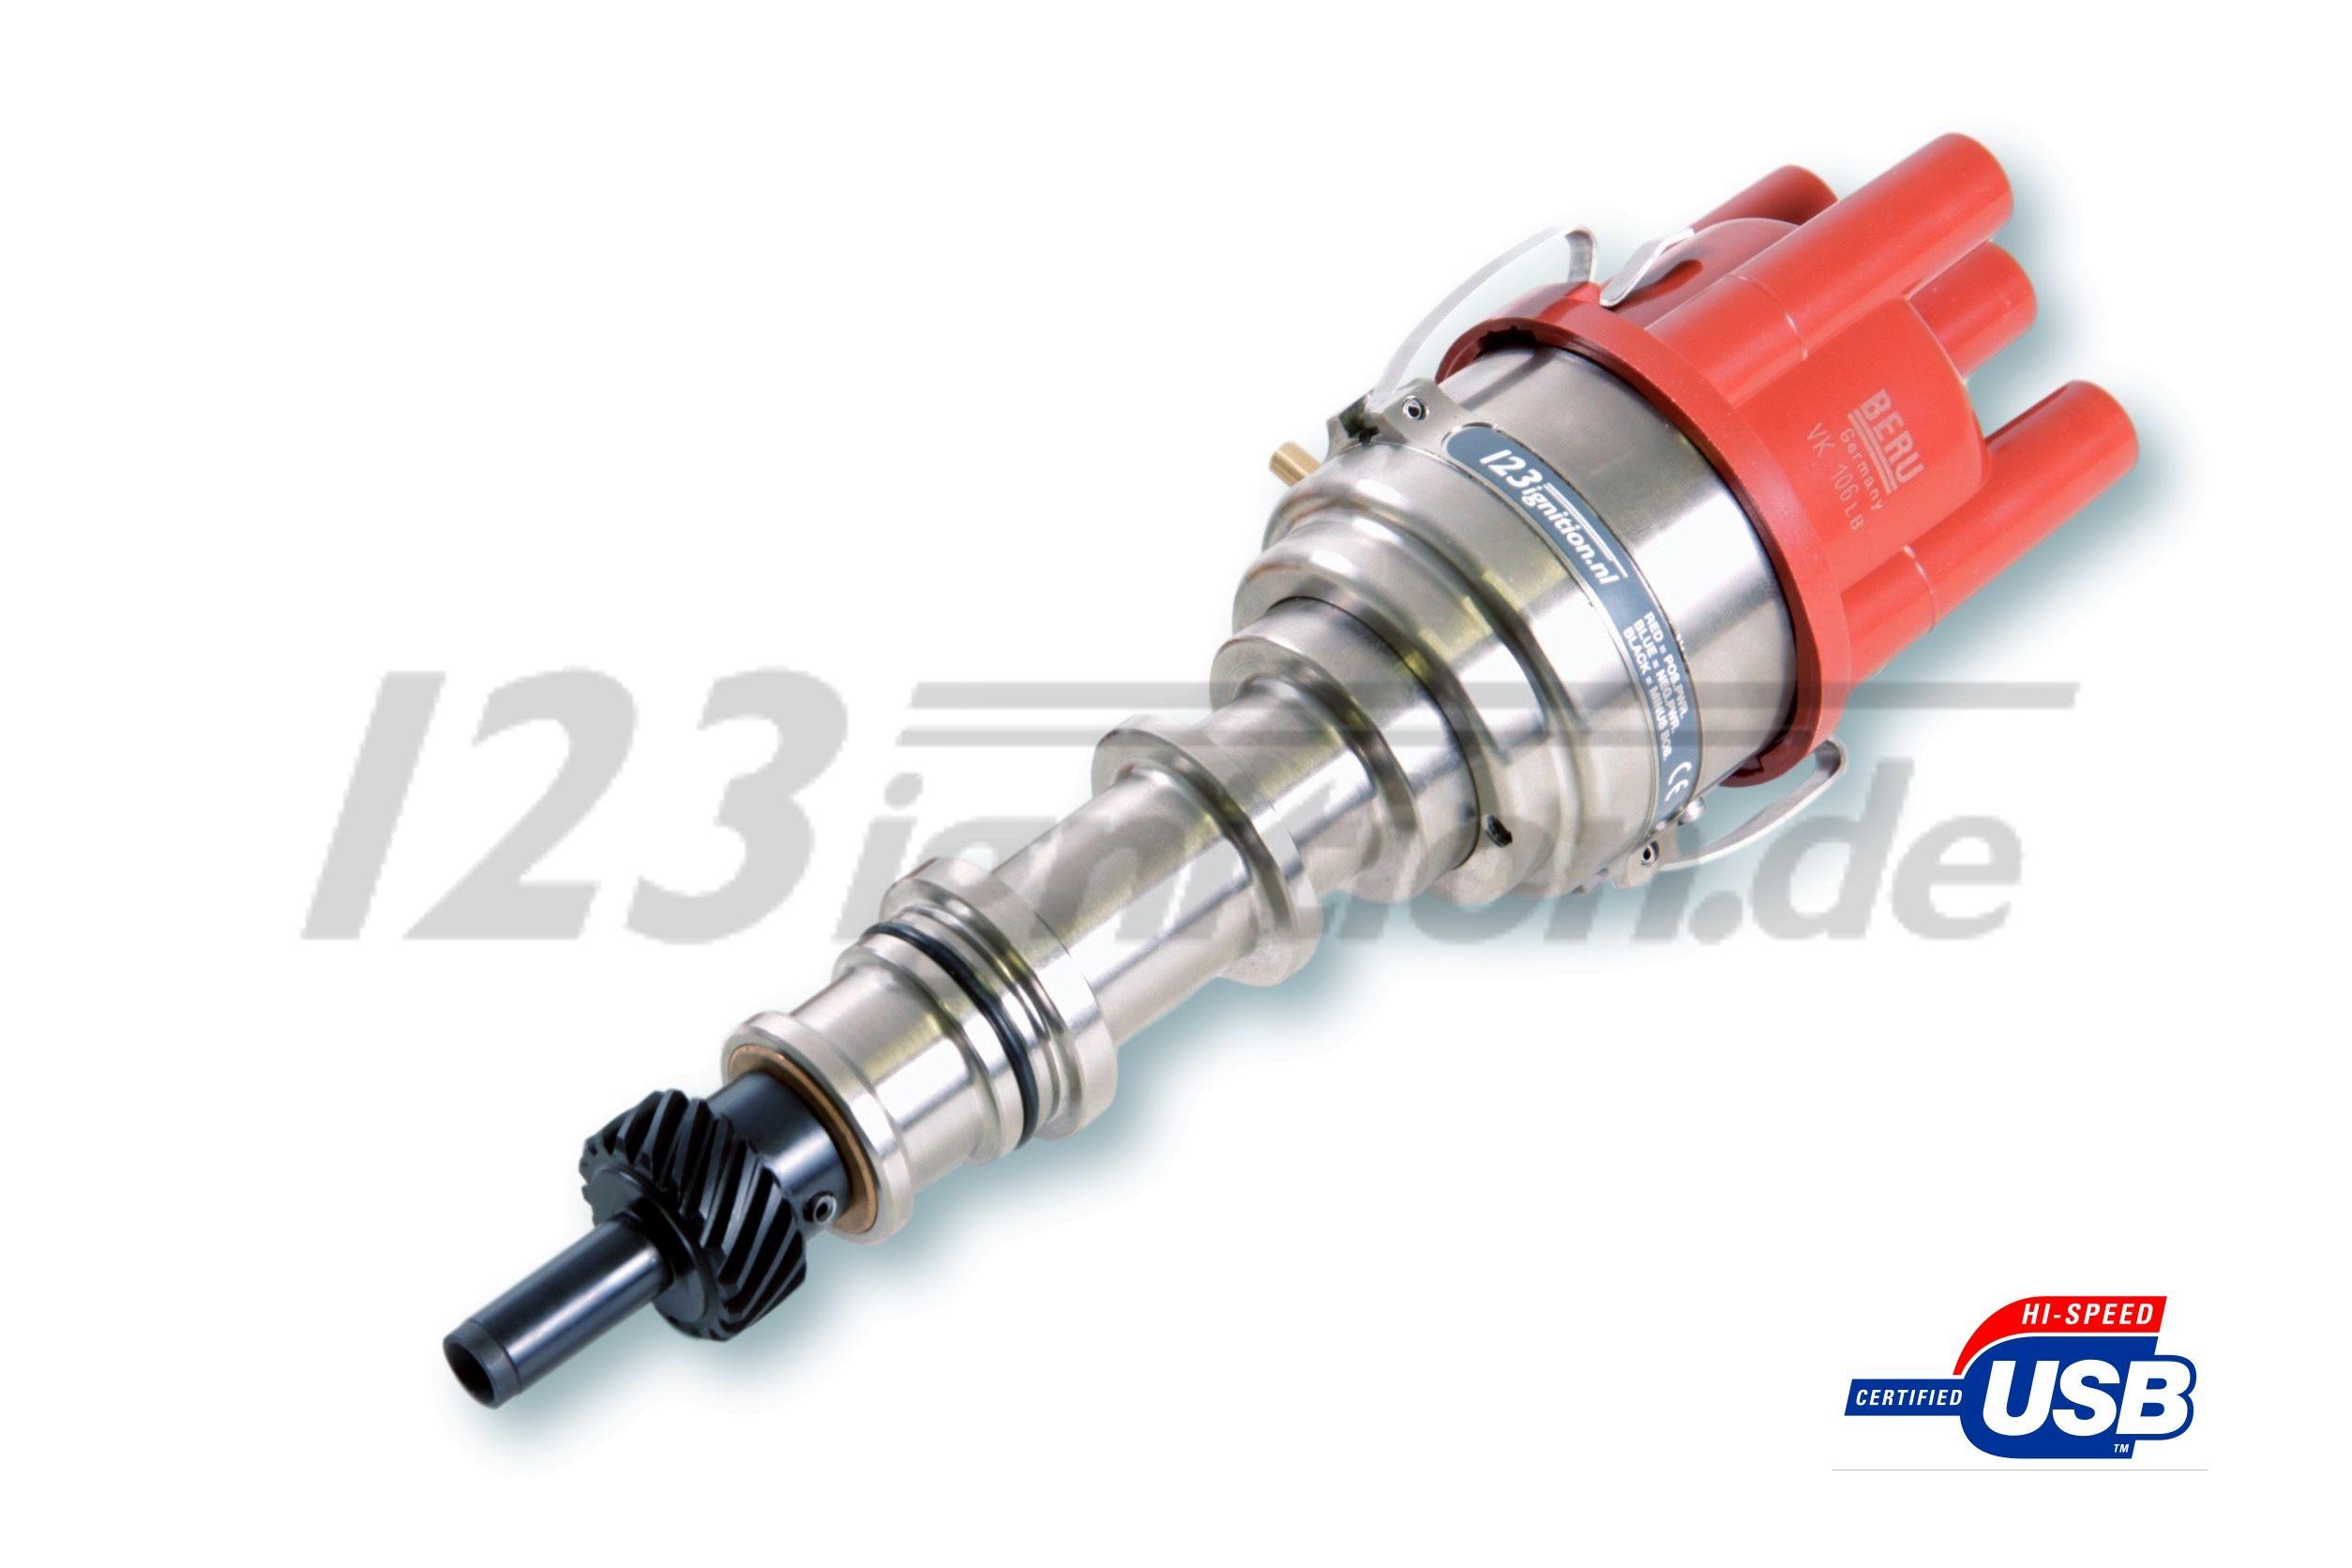 123\TUNE USB tenningsdistributør varten Saab 95 96